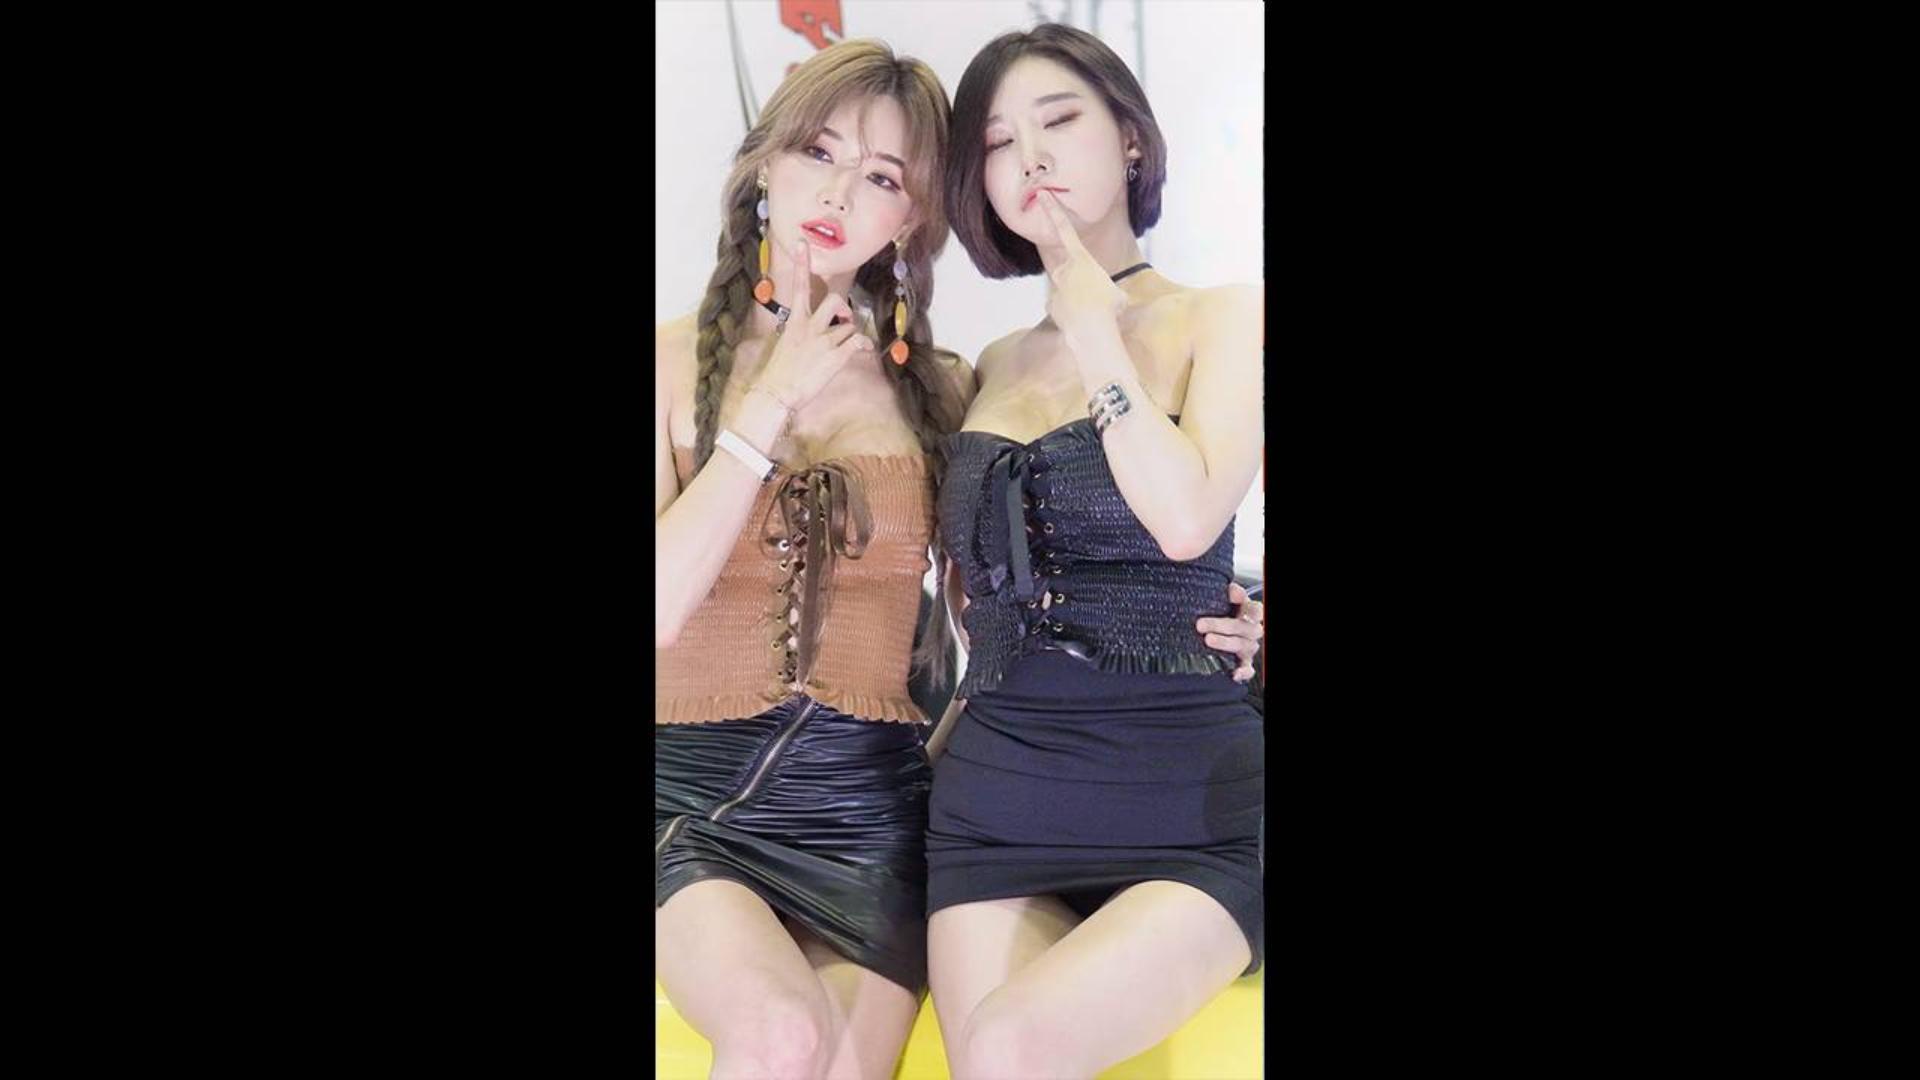 2019 汽车沙龙周 模特 - 宋珠儿{송주아} & 우주안[Woo Juan]